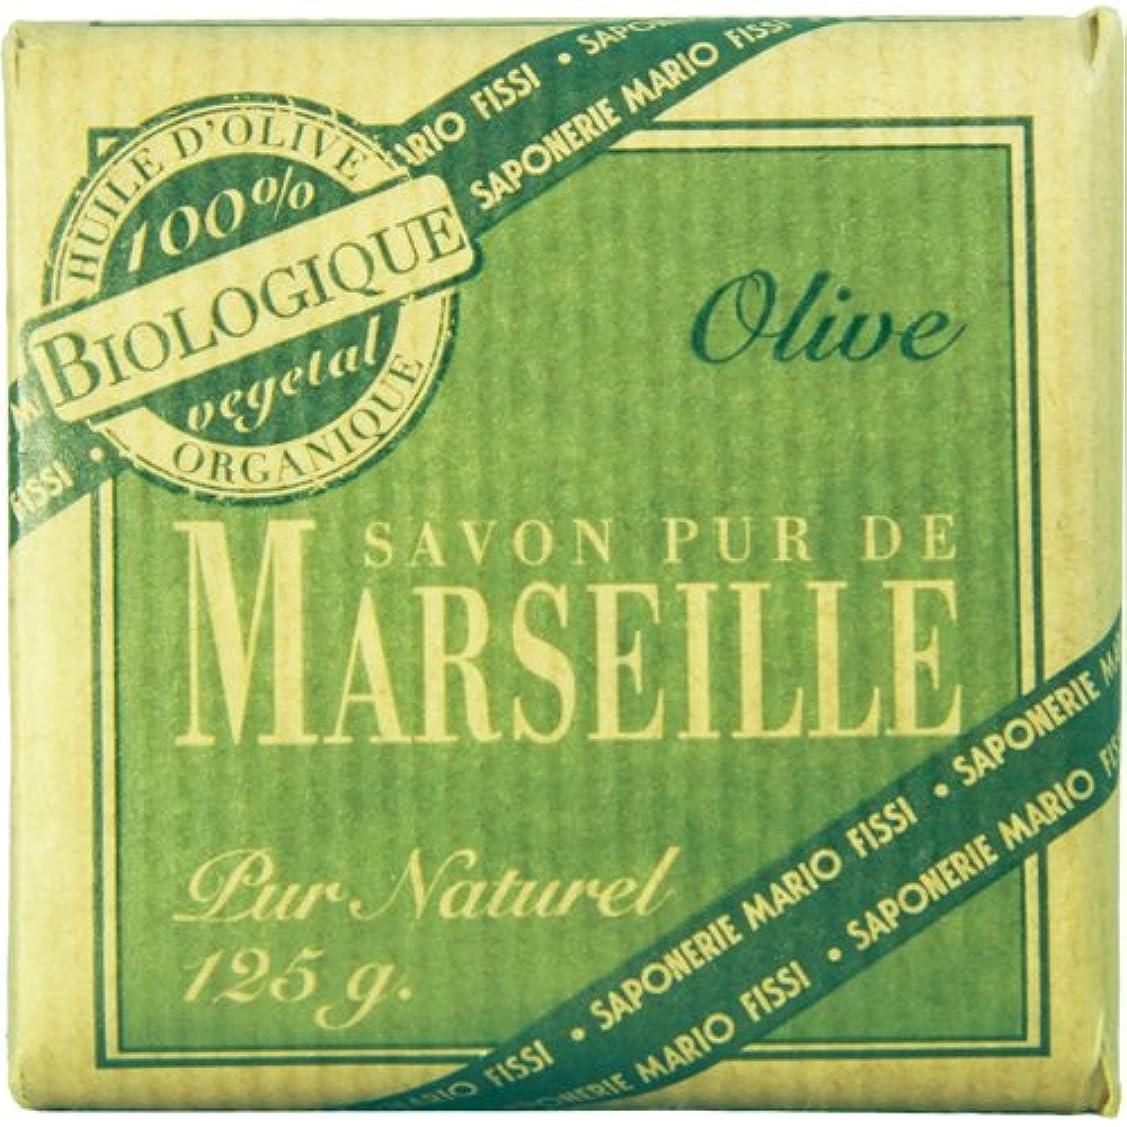 掃除複製攻撃Saponerire Fissi マルセイユシリーズ マルセイユソープ 125g Olive オリーブ